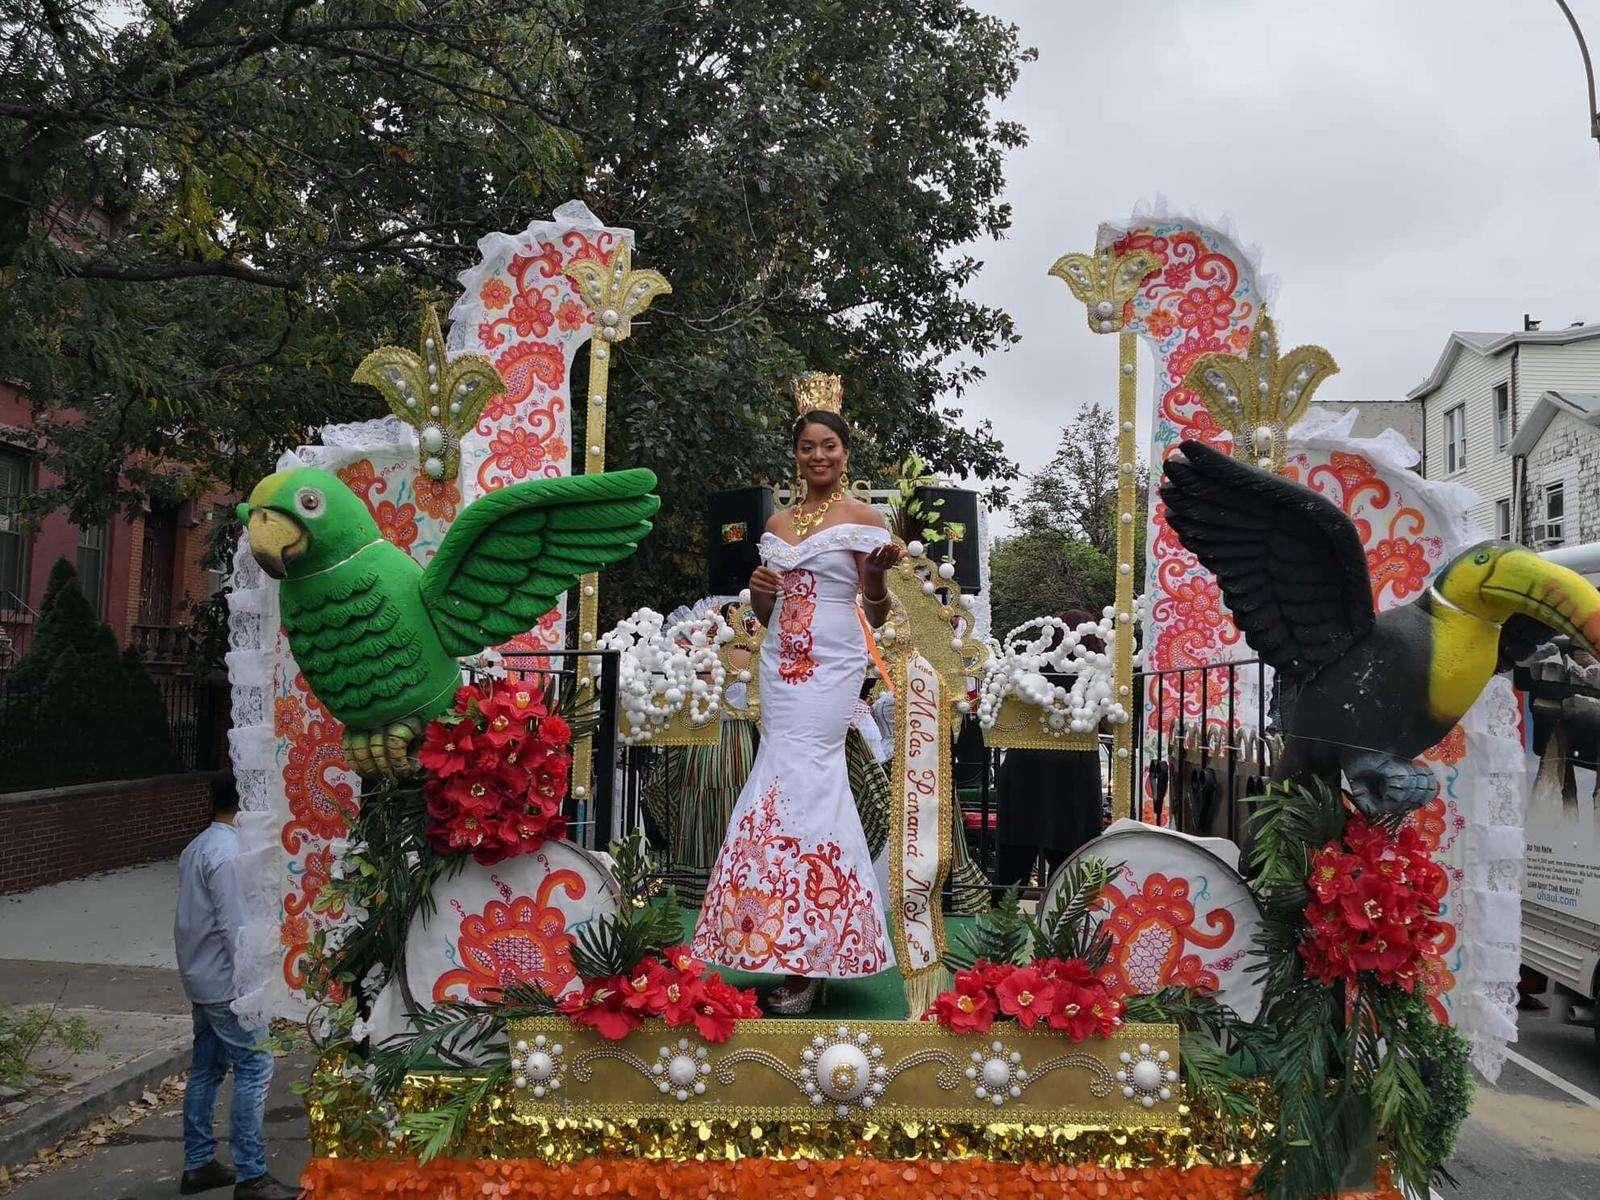 Señorita Mercedes González,participa con una hermosa carroza, decorada por Carlos Vargas